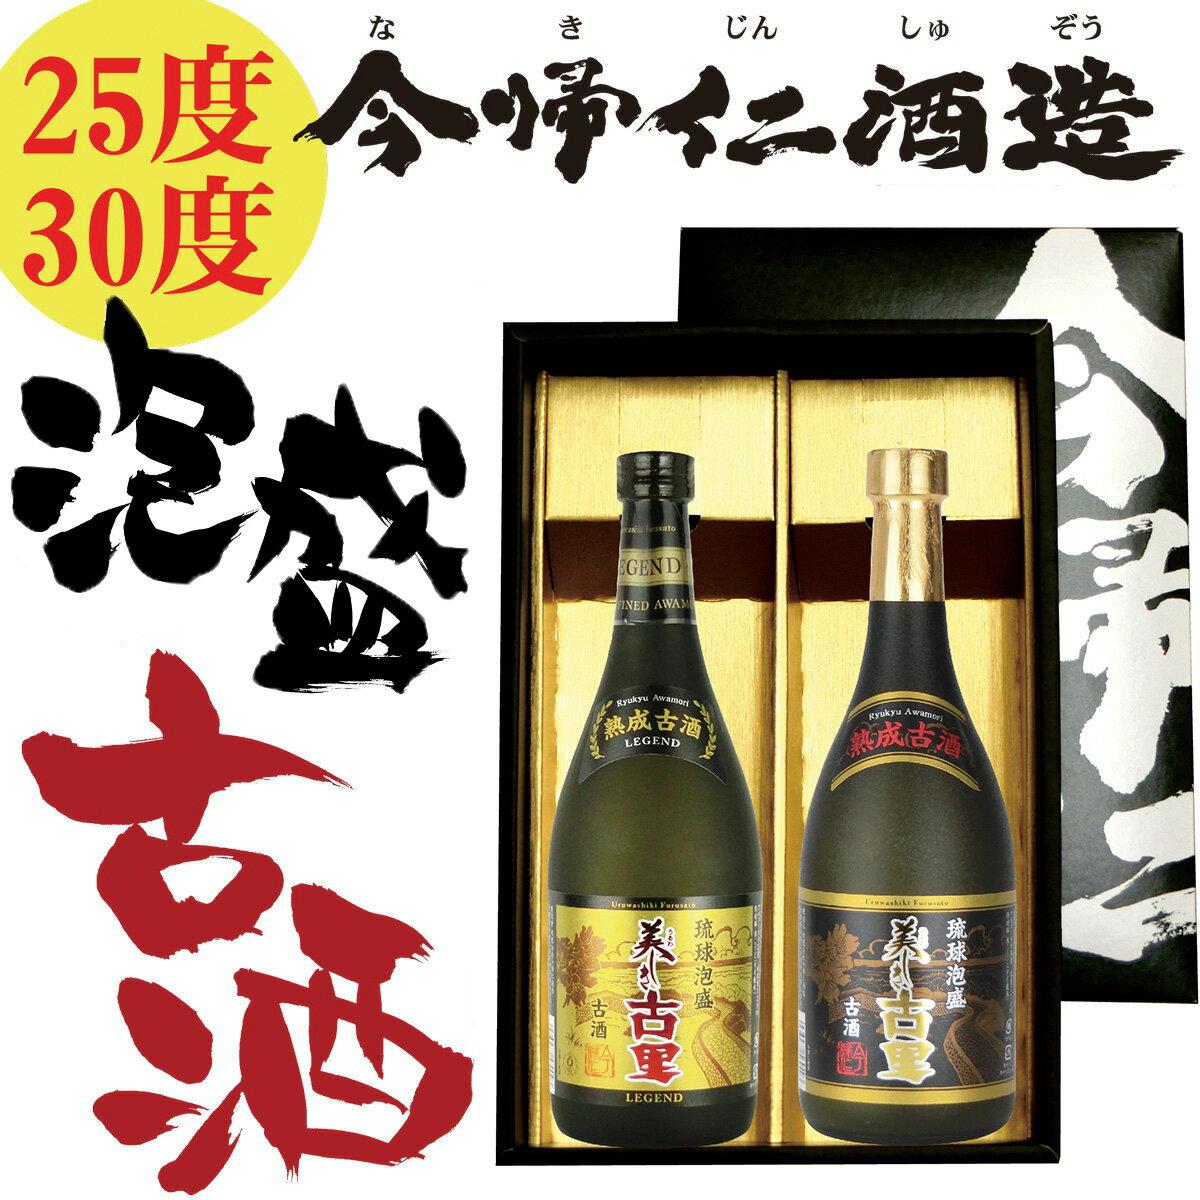 【ふるさと納税】琉球泡盛 美しき古里古酒(クース)飲み比べセット